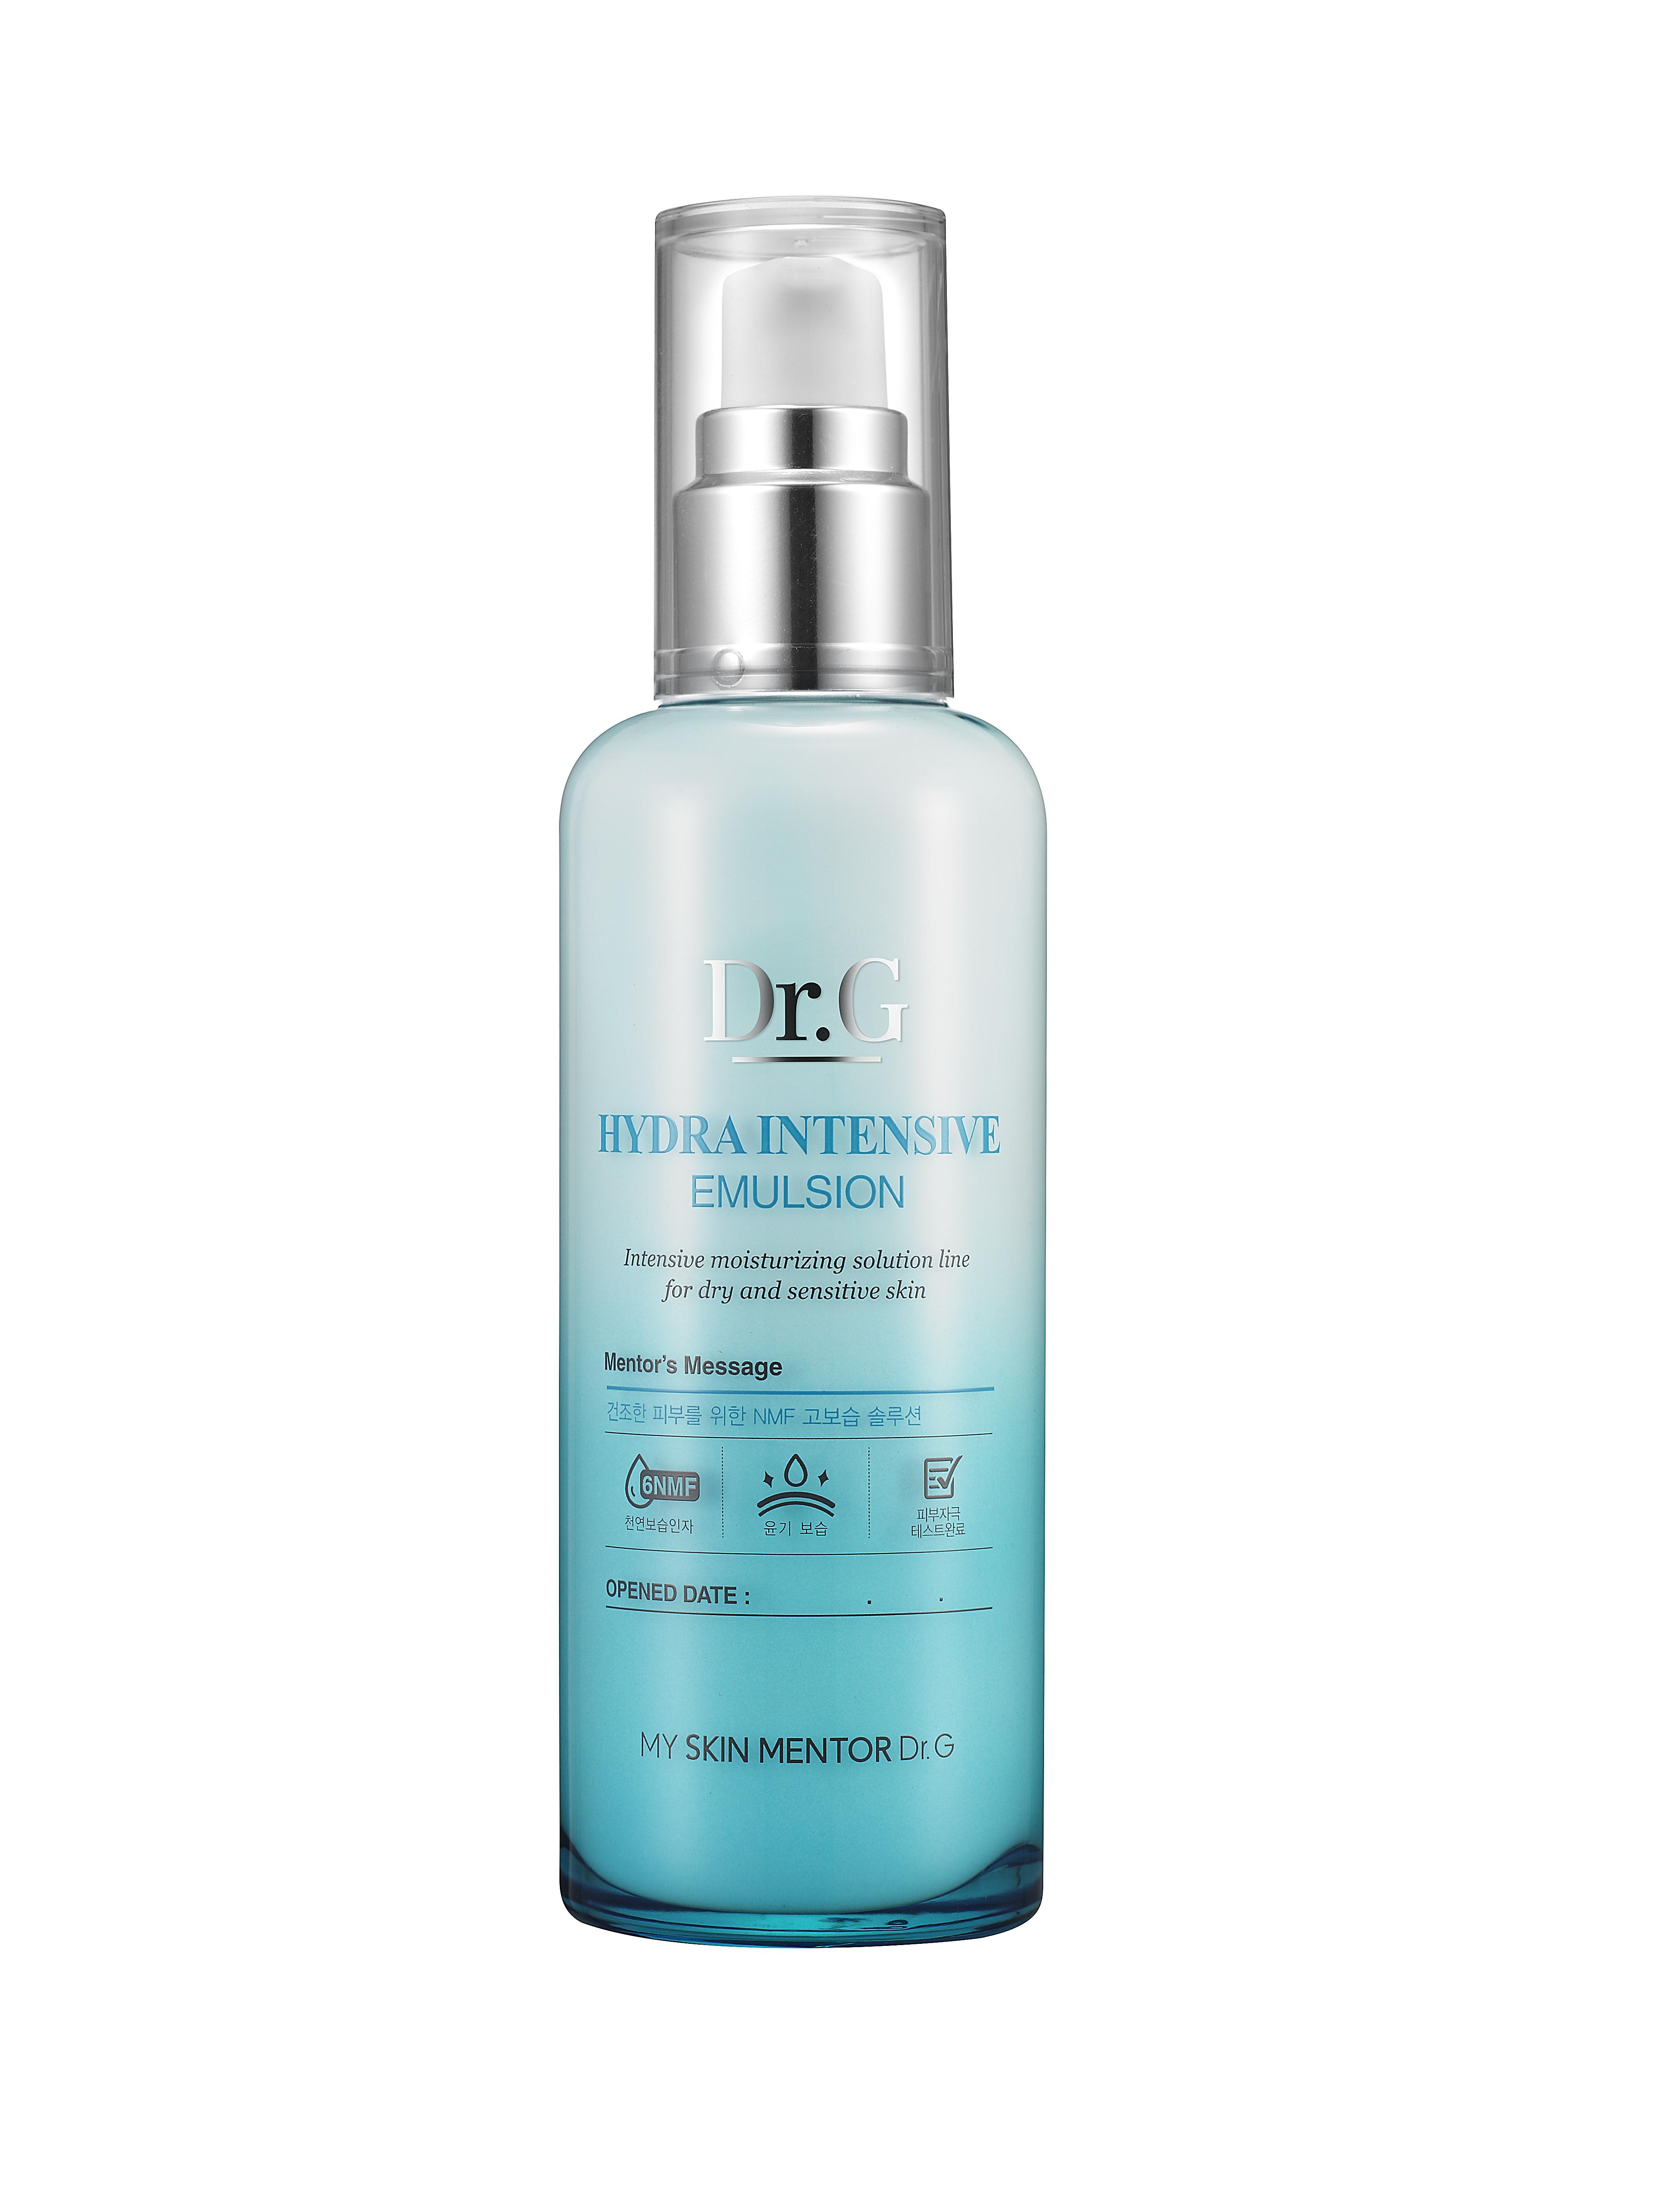 Dr. G Пенка для умывания очищающий увлажняющий Hydra, 120 мл5902596005221Пенка для интенсивного увлажнения и очищения кожи лица с усиленным NMF (натуральным увлажняющим фактором). Создает богатую густую пену. Оптимизирует влагообмен. Нейтрализует раздражение при чувствительной коже. NMF улучшает роговой слой и внешний вид кожи. Борется с воспалением и краснотой. Придает коже бархатистость и гладкость. Пенка насыщена экстрактами сосны и юкки, а также маслом виноградных косточек. Экстракт сосны является сильным антиоксидантом, улучшает состояние сосудов и предотвращает разрушение коллагена и эластина. Экстракт юкки содержит стероидные сапонины, полифенолы флавоноидной структуры. Обладает противовоспалительным эффектом, «ловит» свободные радикалы. Масло виноградных косточек регулирует саловыделение, сужает поры, при этом выравнивая тон и улучшает кожный покров.Не содержит содиум лаурил сульфата (SLS).